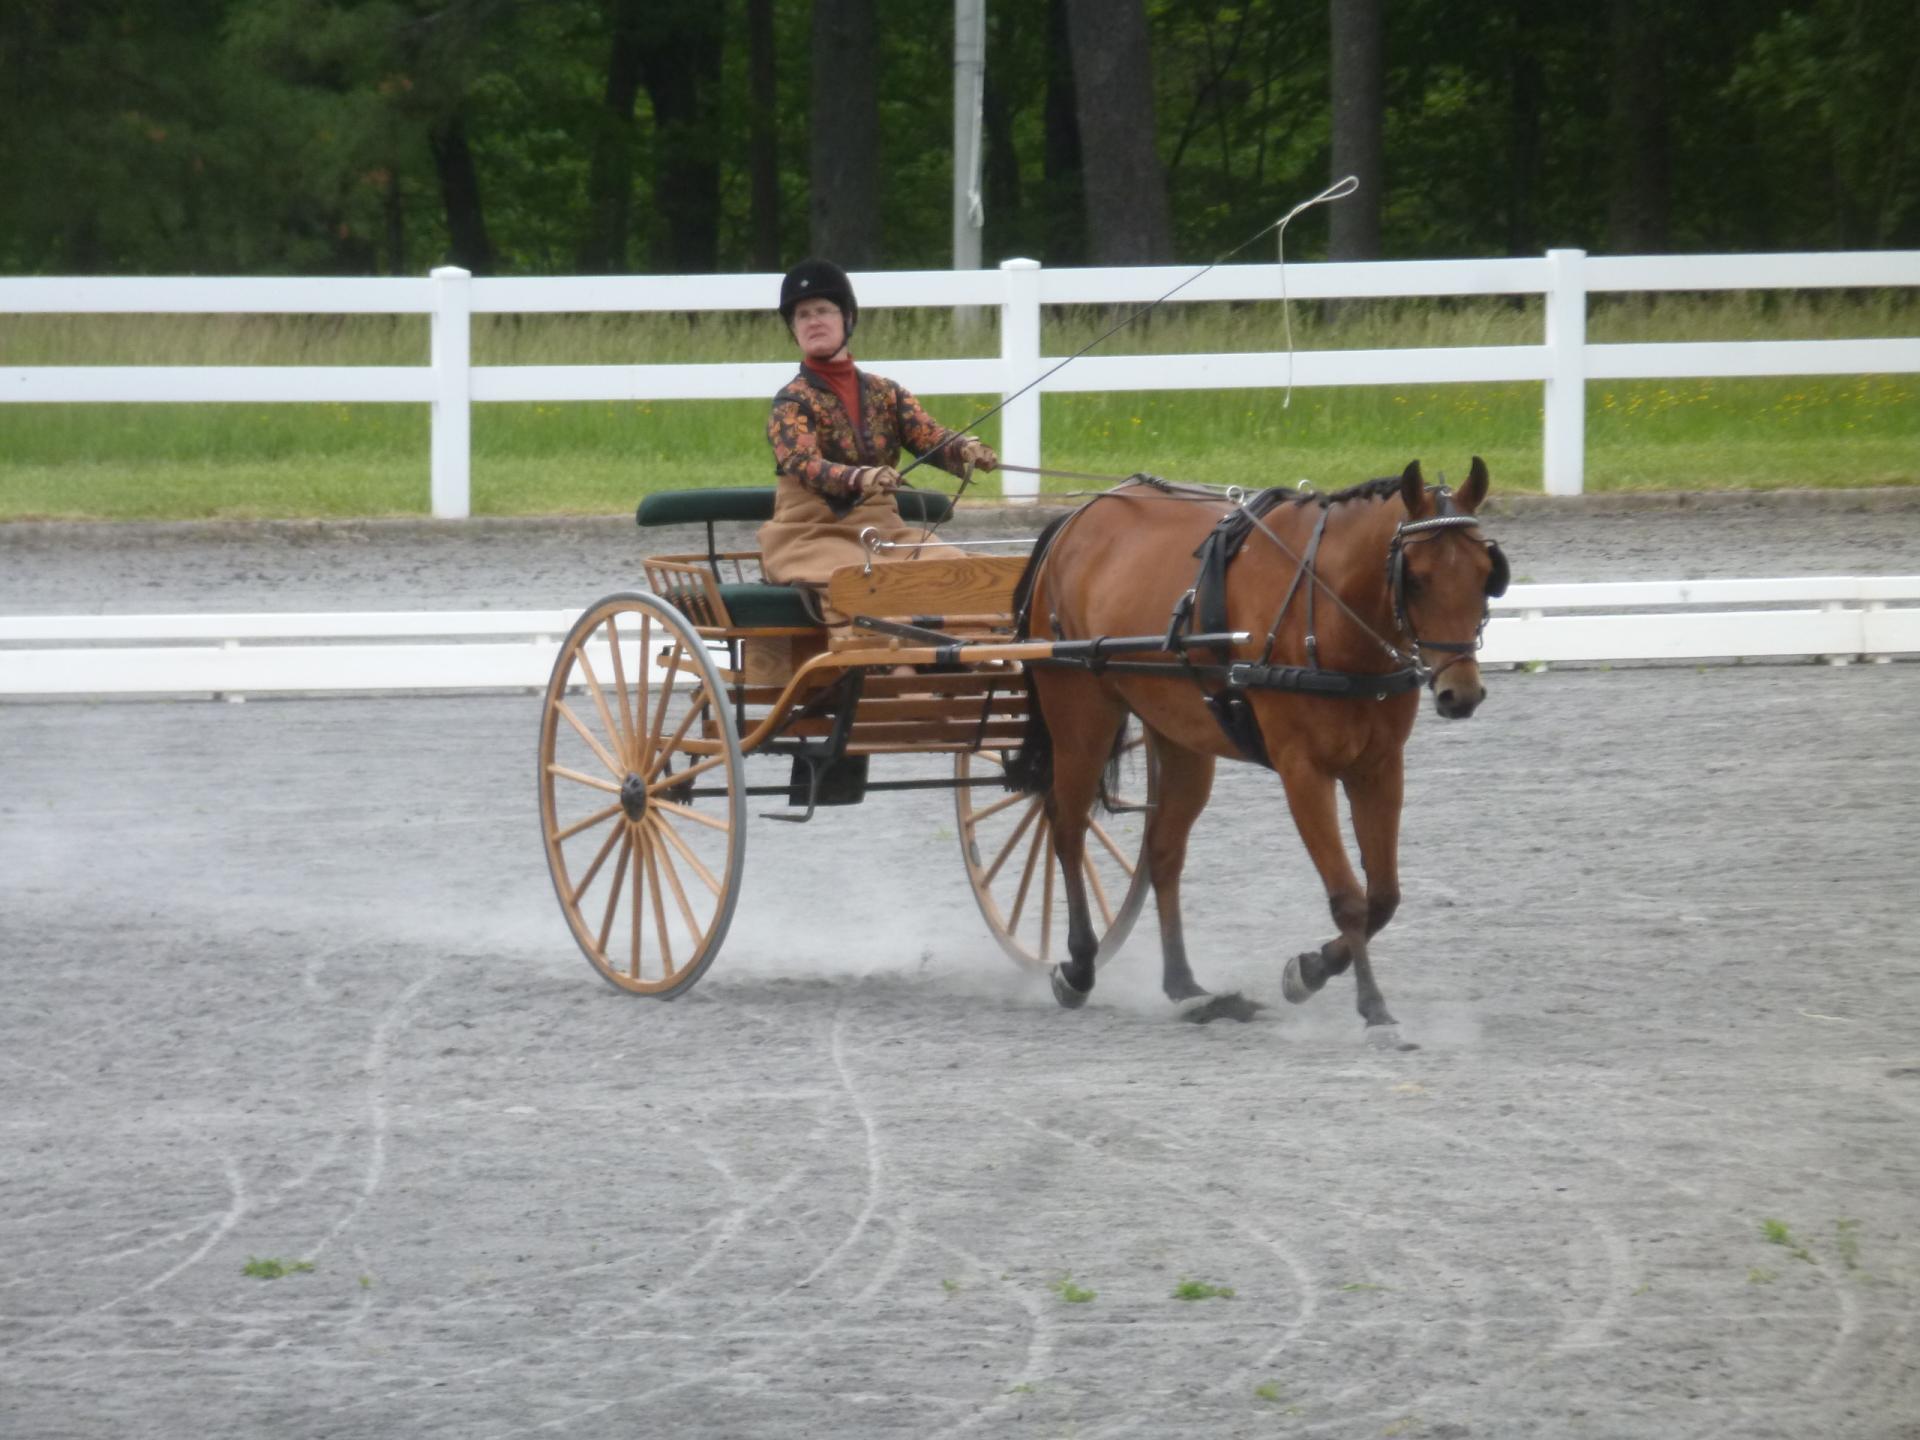 Mary Mott-Kocsis in Dressage